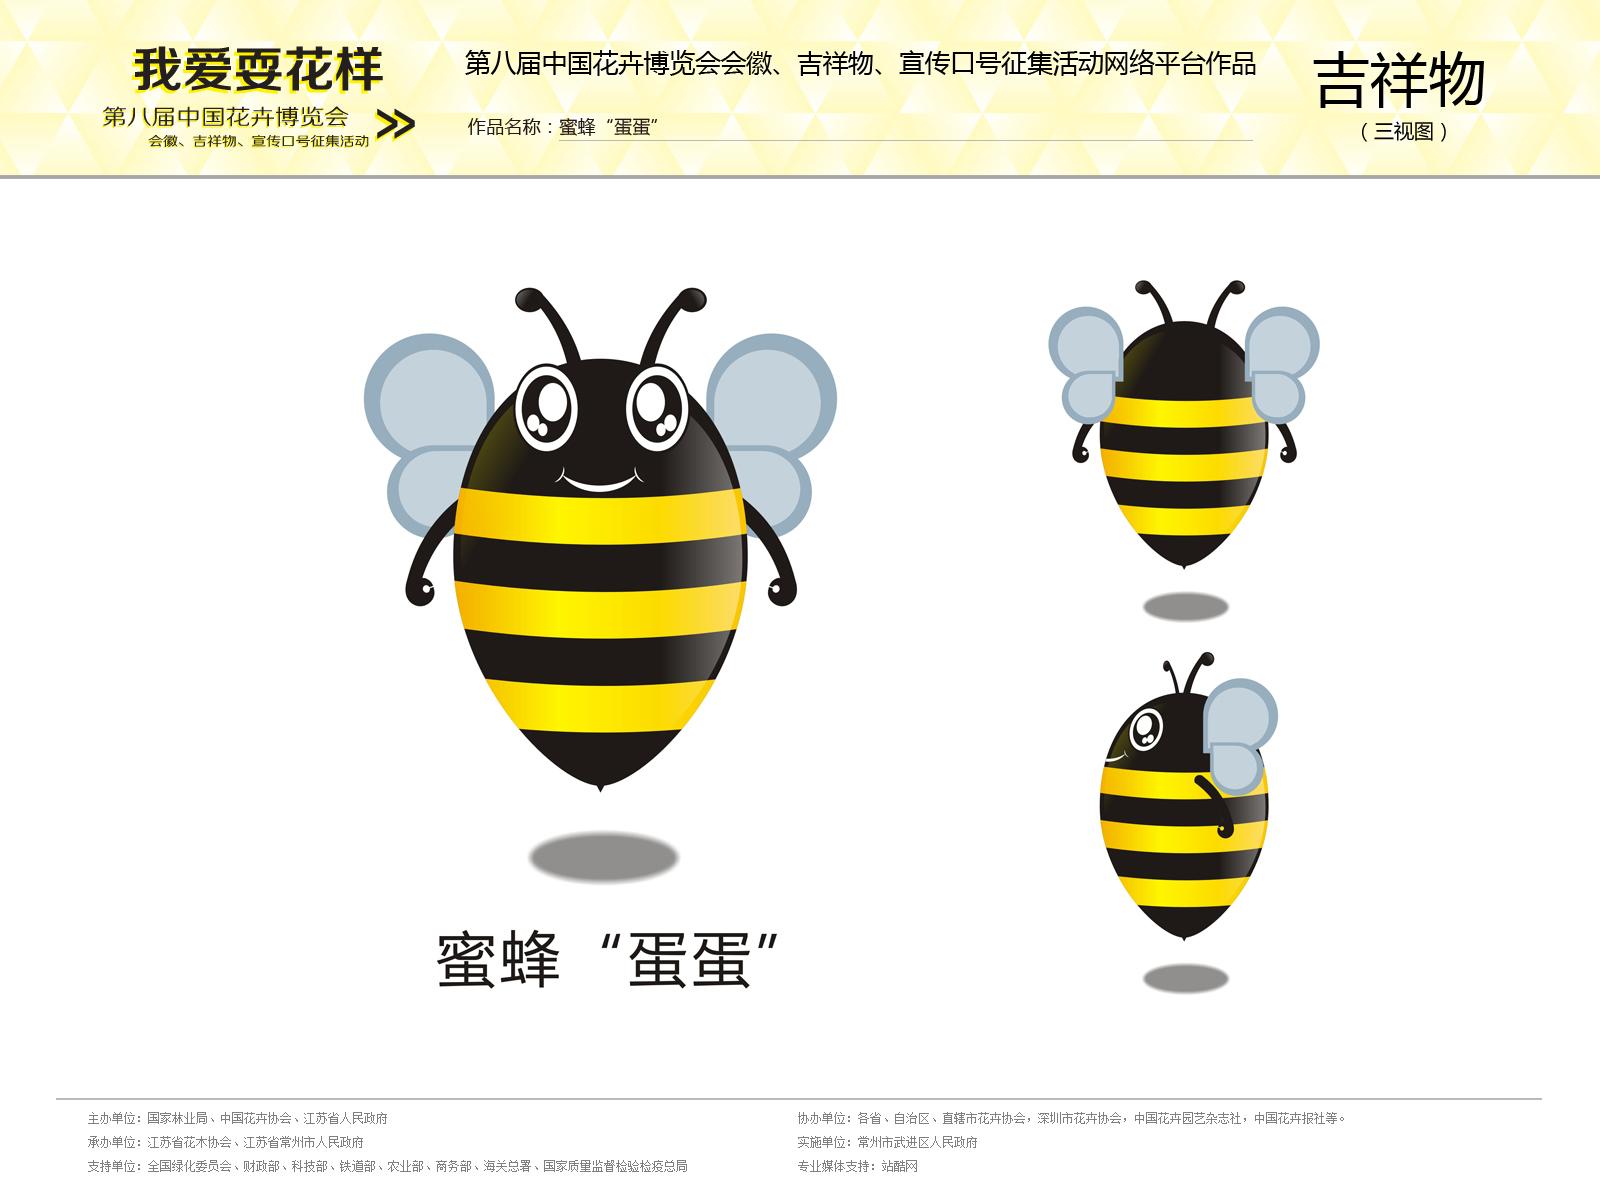 2,吉祥物的设计上采用了放大蜜蜂身体结构,缩小翅膀的比例来达到夸张